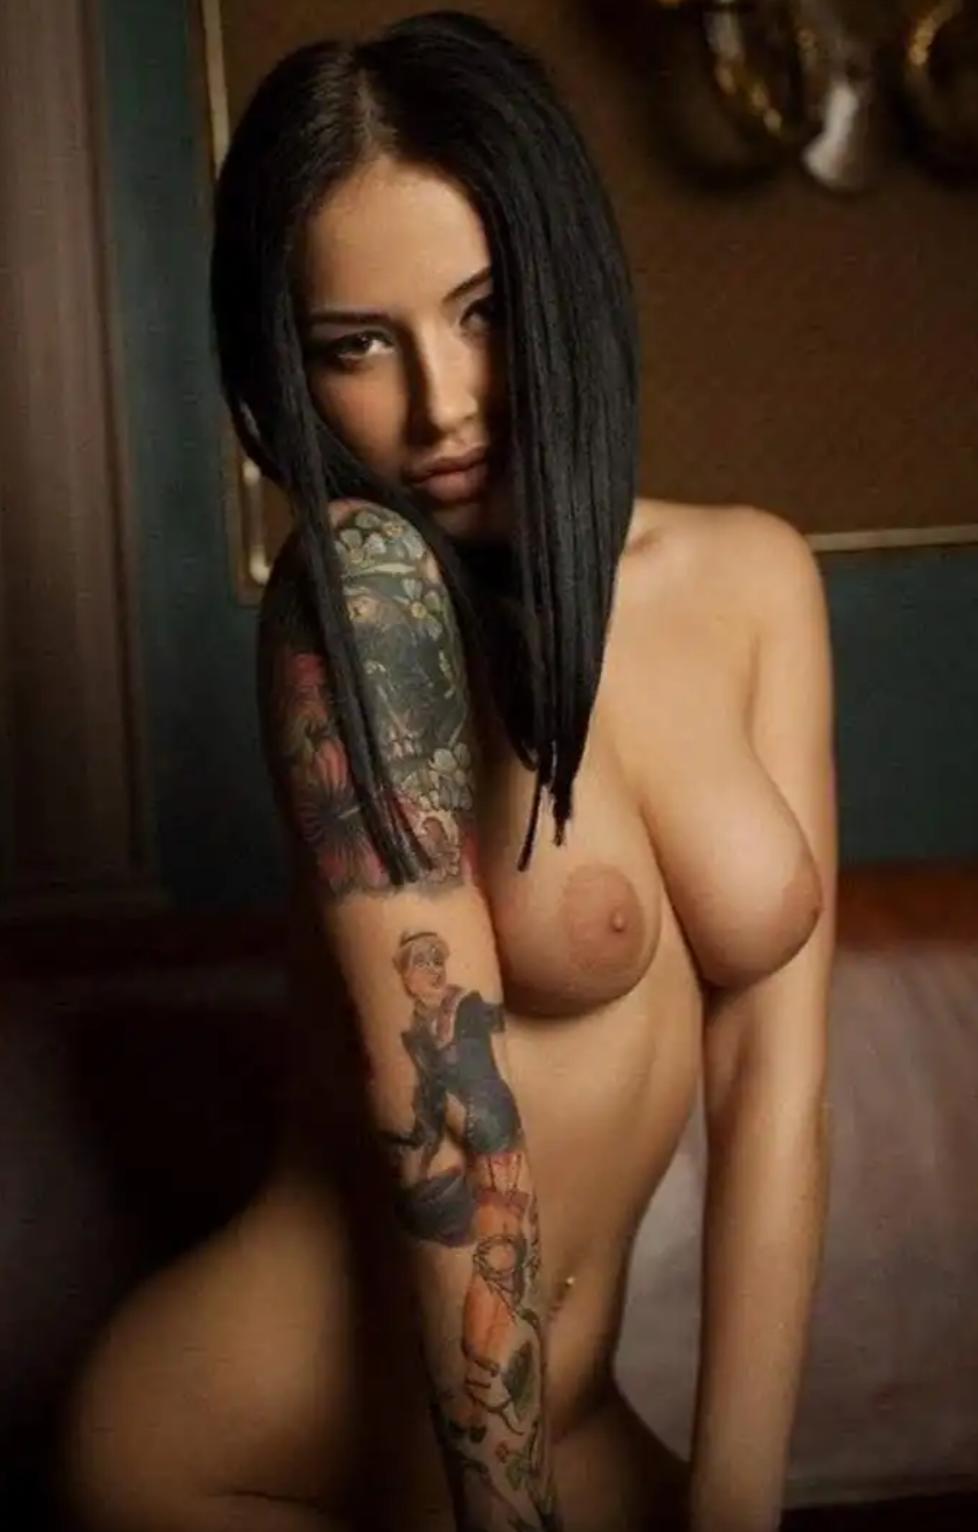 Голые фото девушек с татуировкой — 1